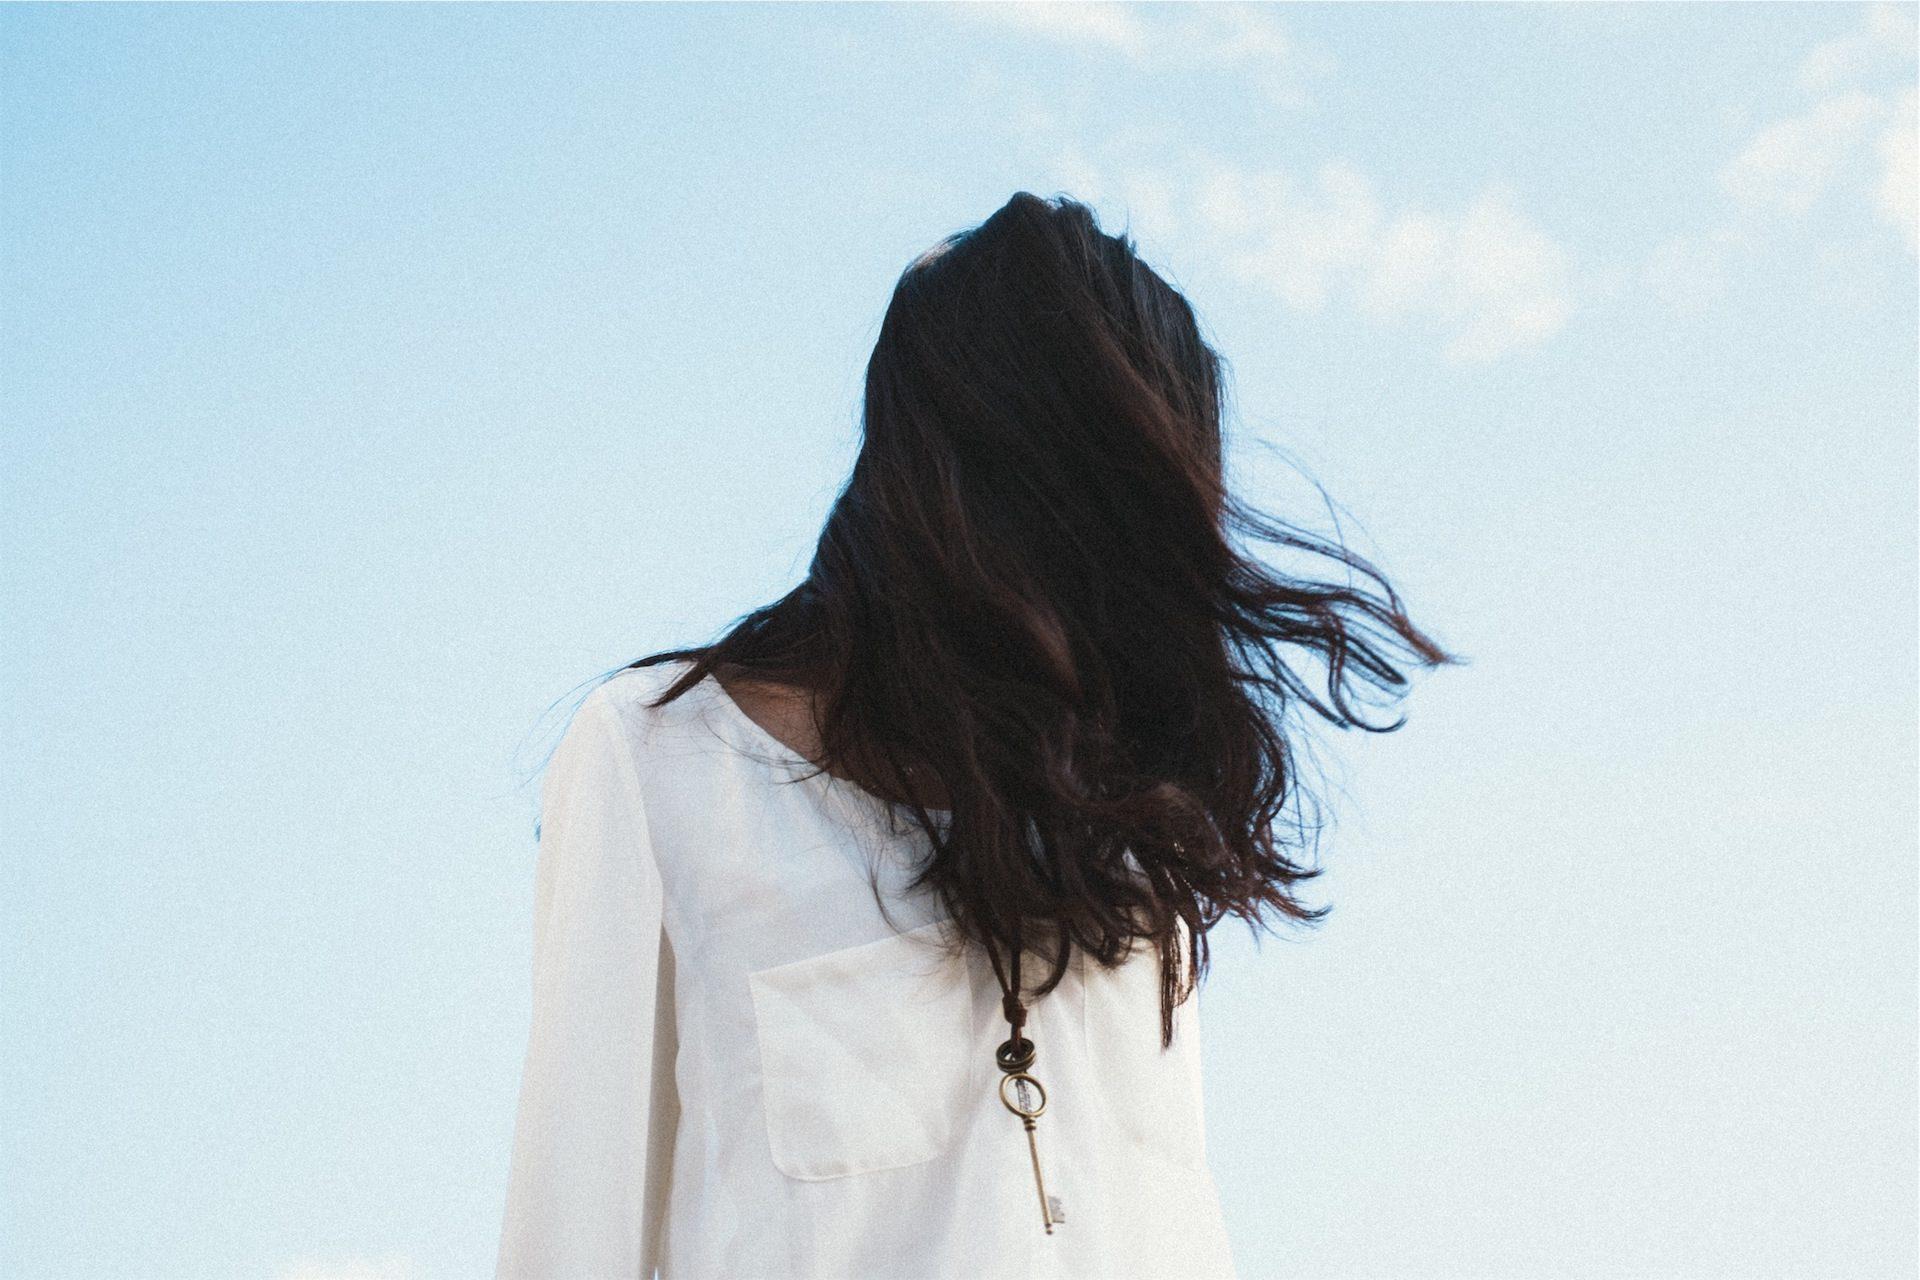 mujer, pelo, largo, viento, llave, cielo - Fondos de Pantalla HD - professor-falken.com